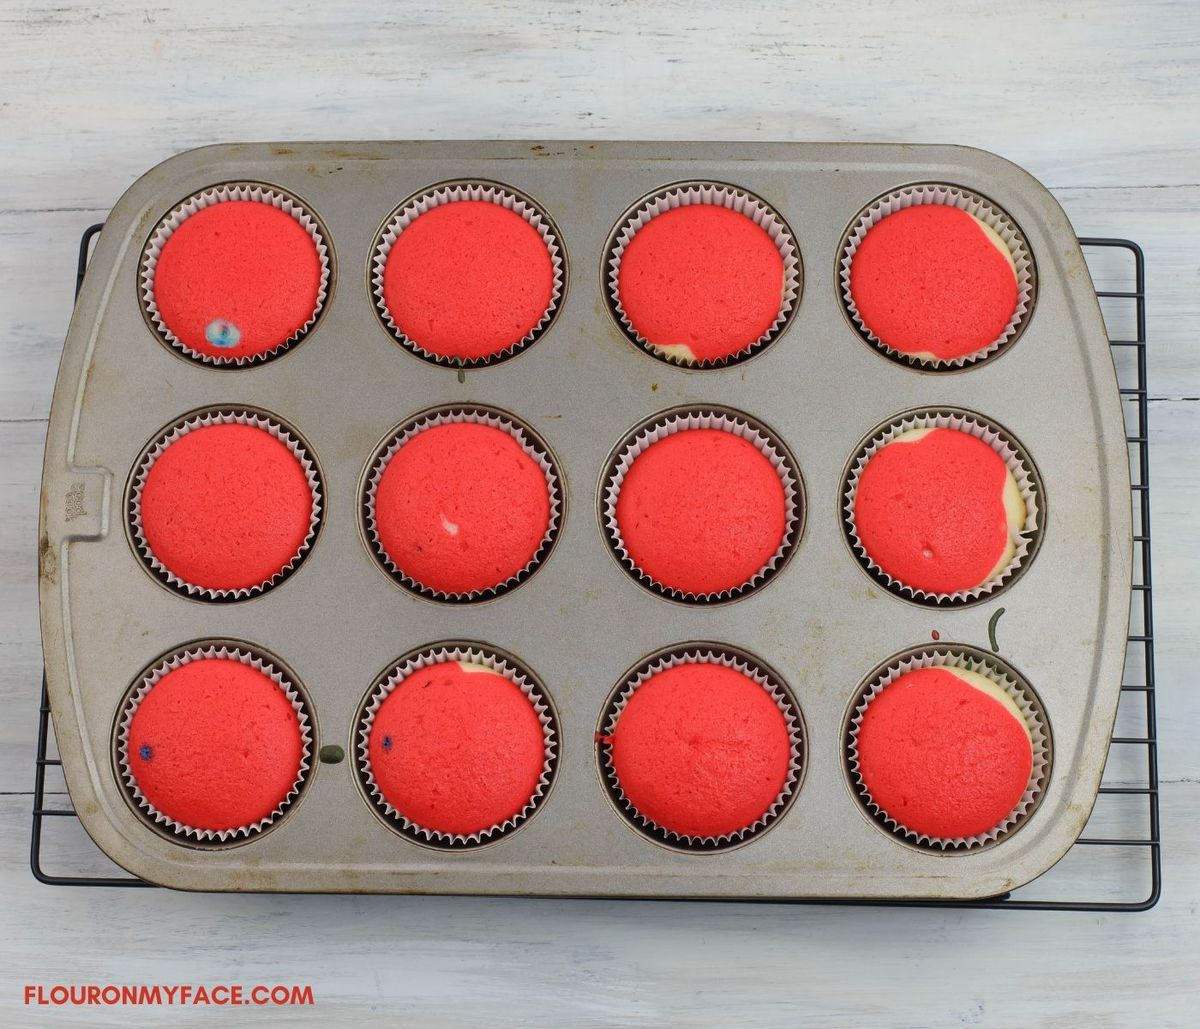 A cupcake pan after baking the cupcakes.